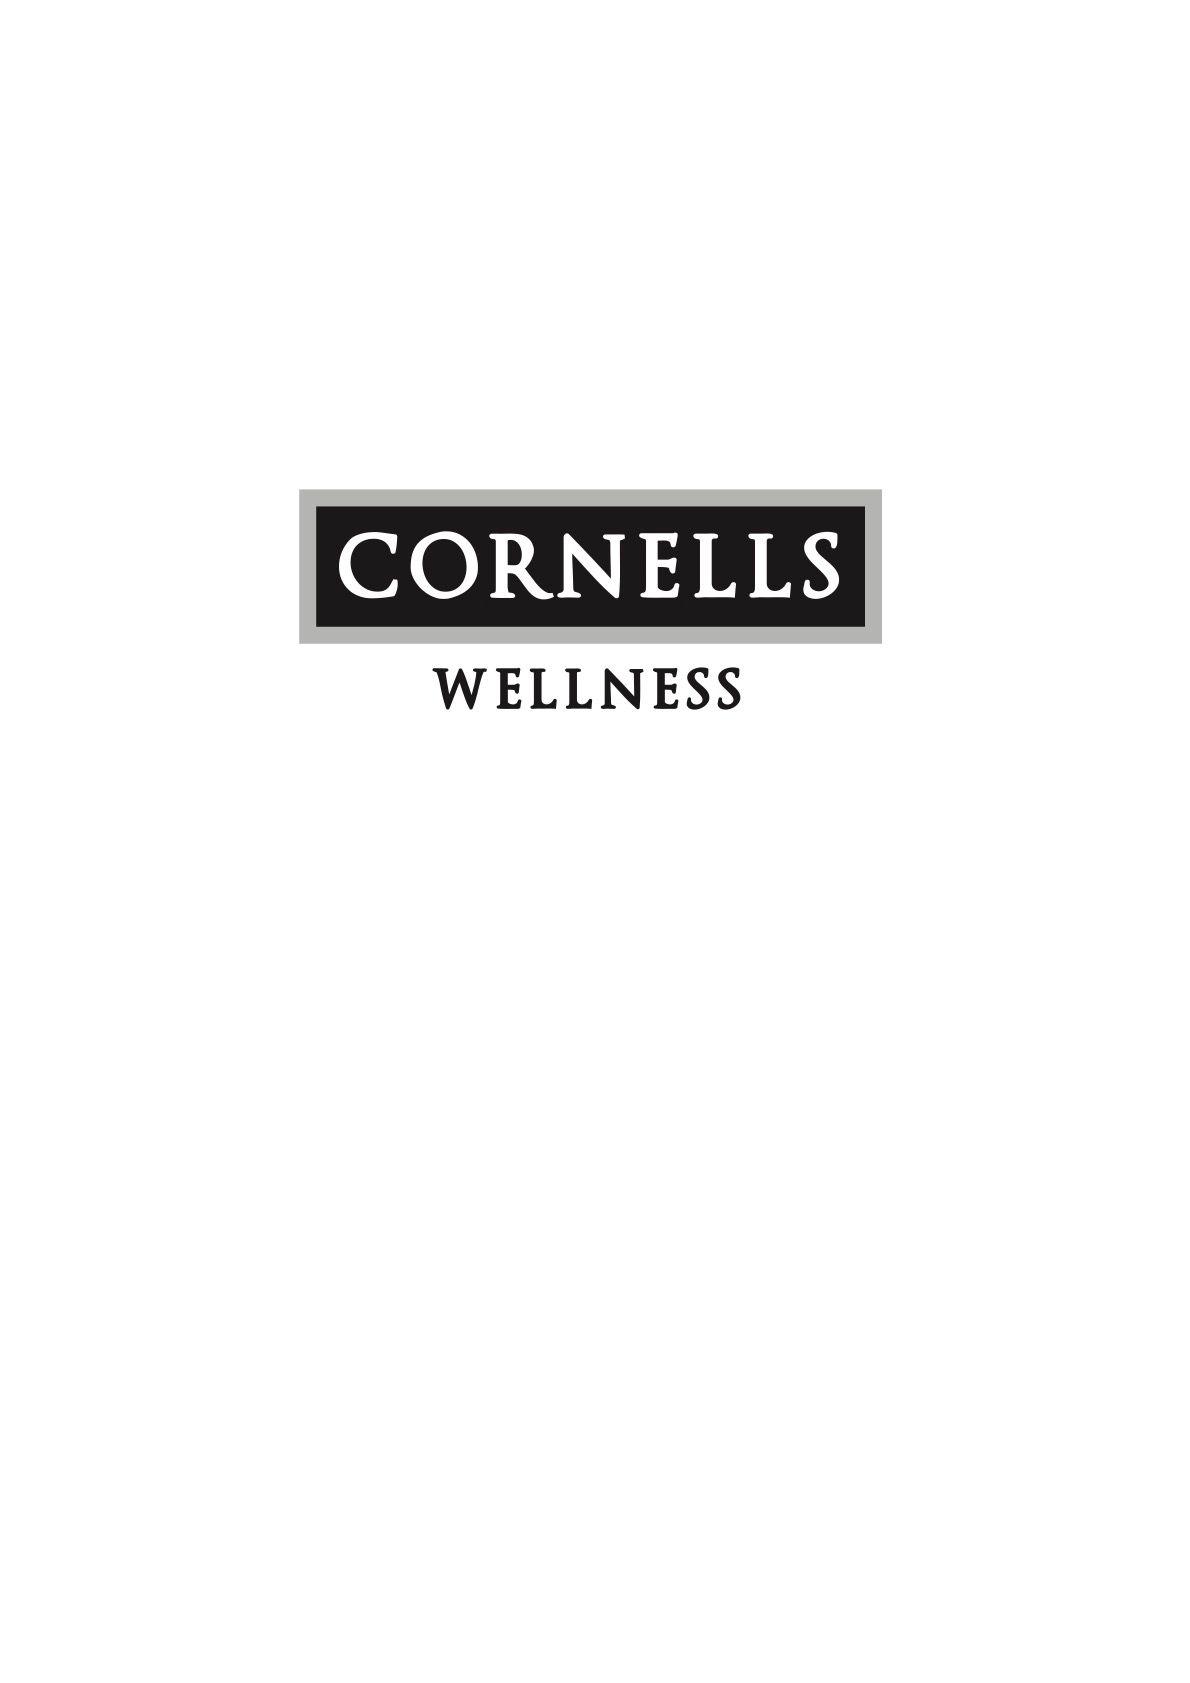 Cornells Wellness